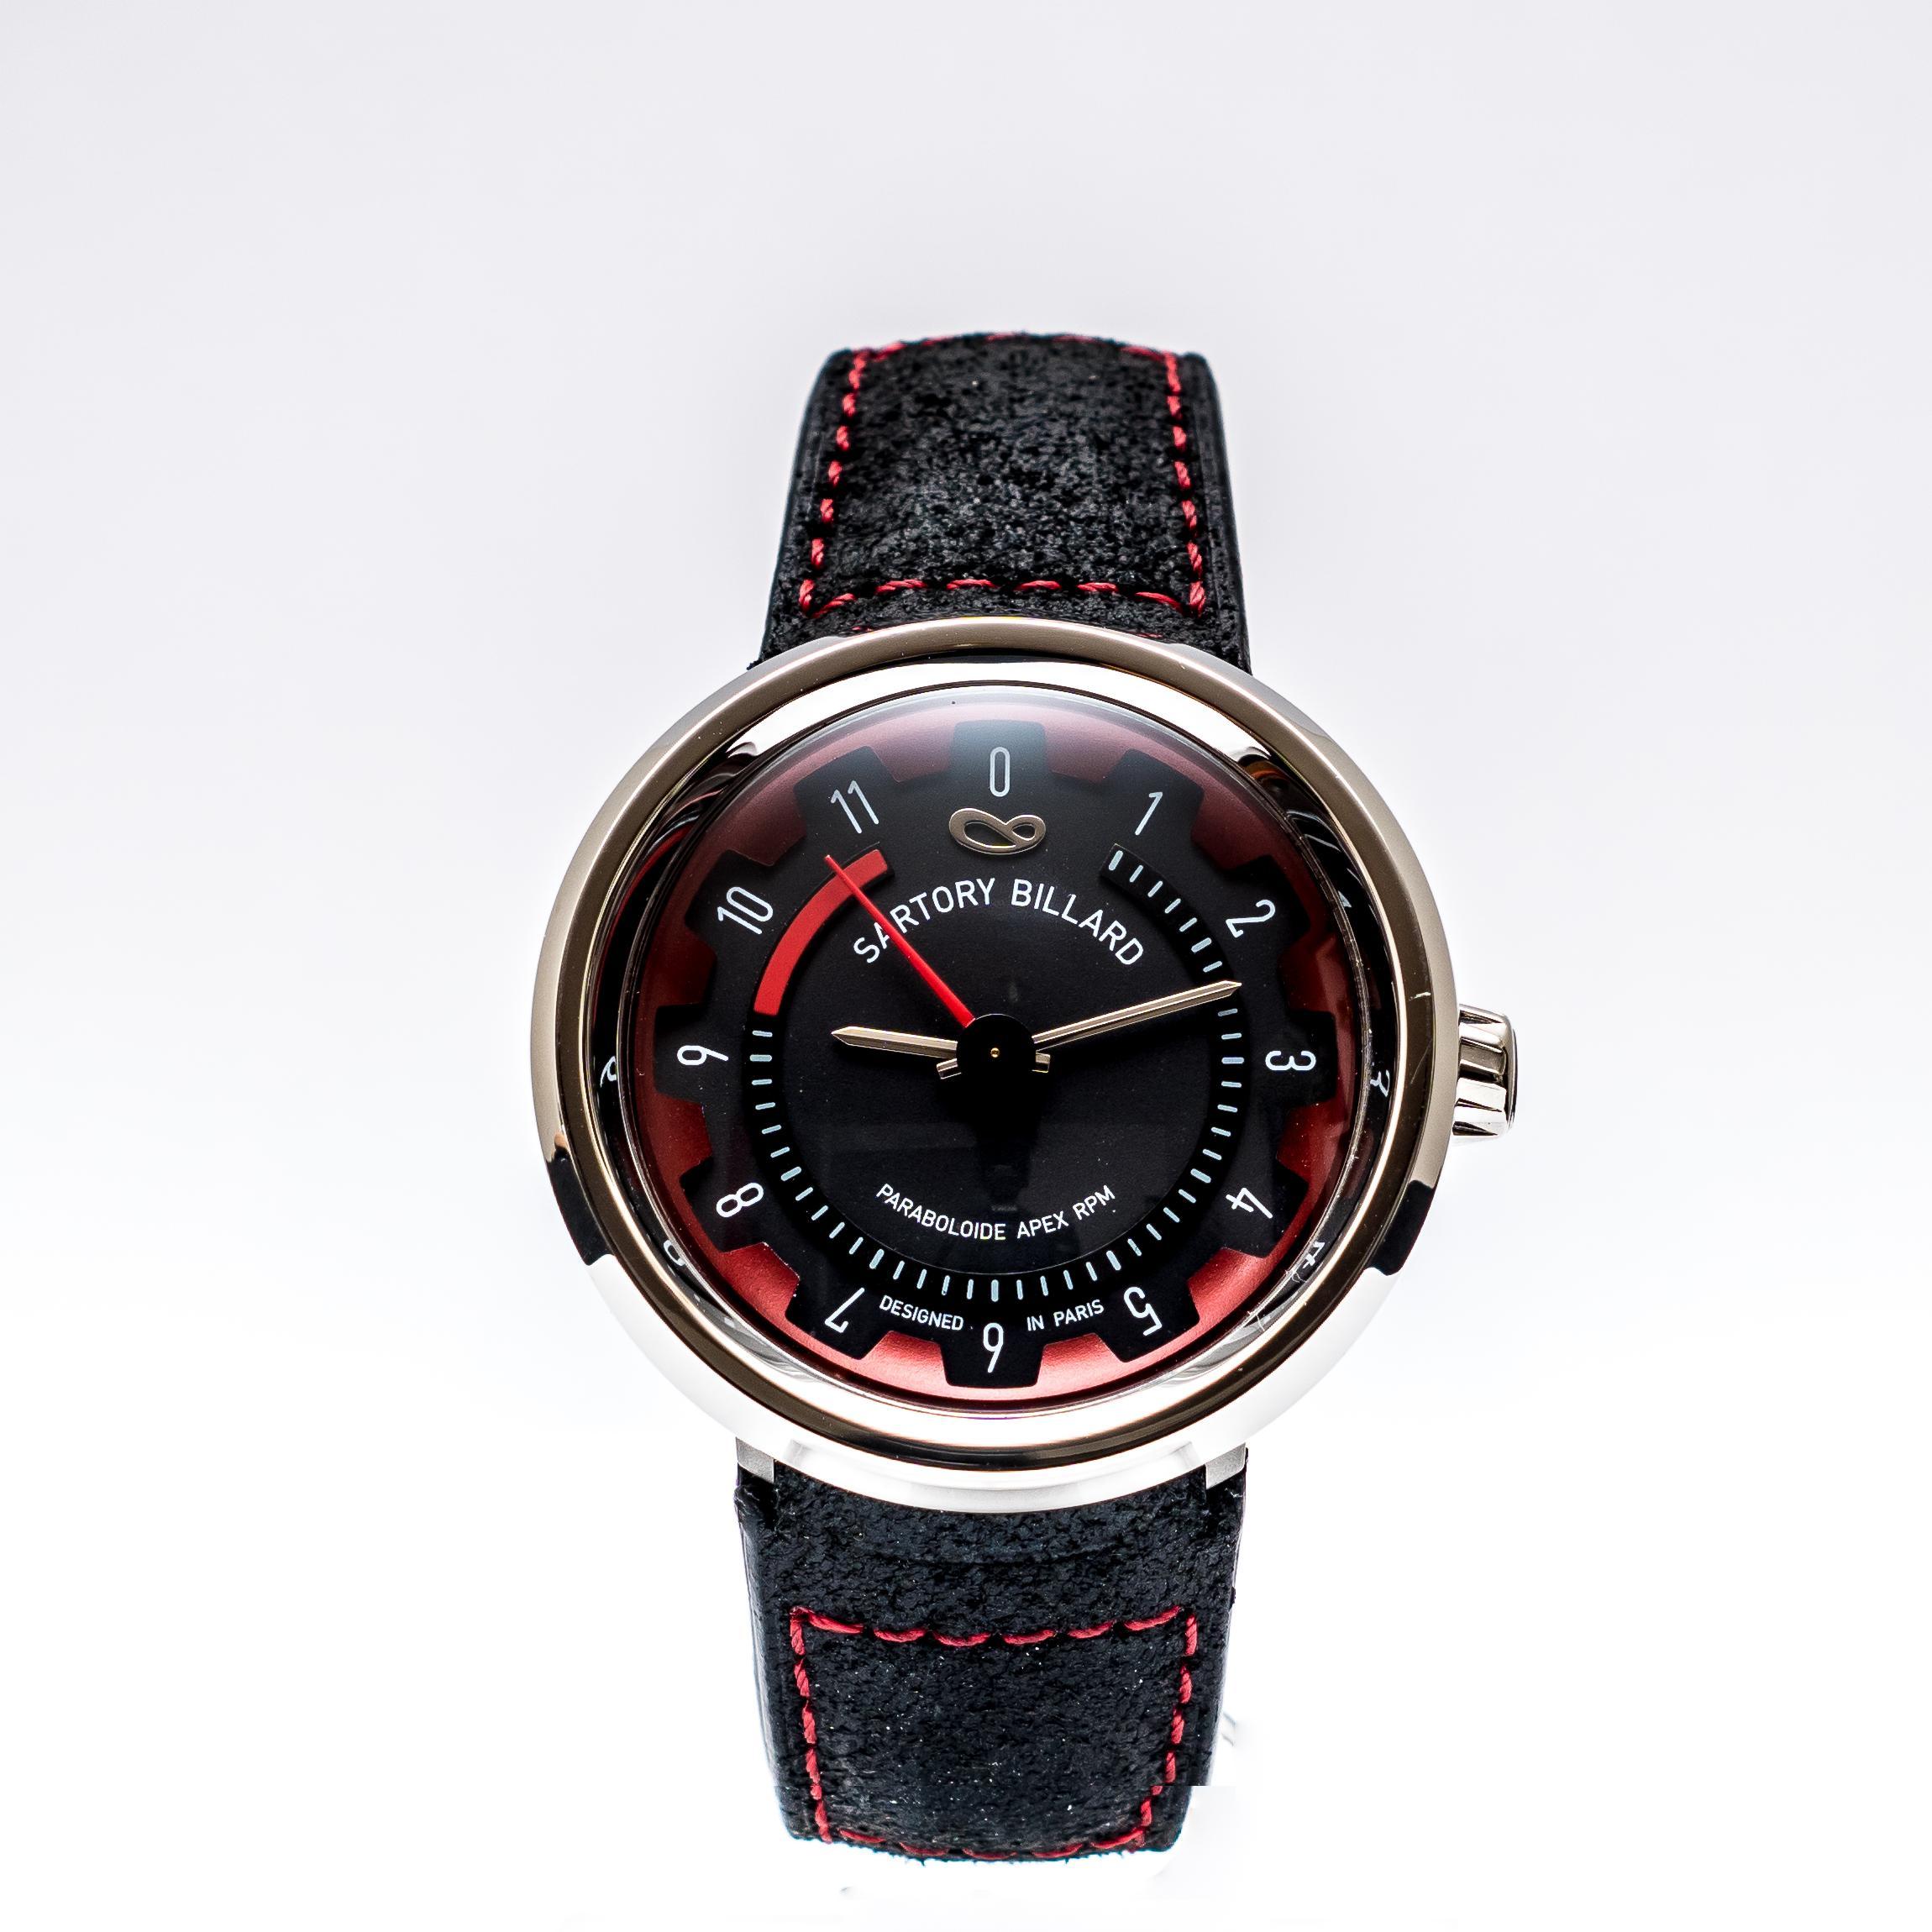 sartory - Naissance d'une nouvelle montre française : SARTORY BILLARD RPM01 - Page 2 SARTORY-BILLARD-fond-blanc-face-boucl%C3%A9e